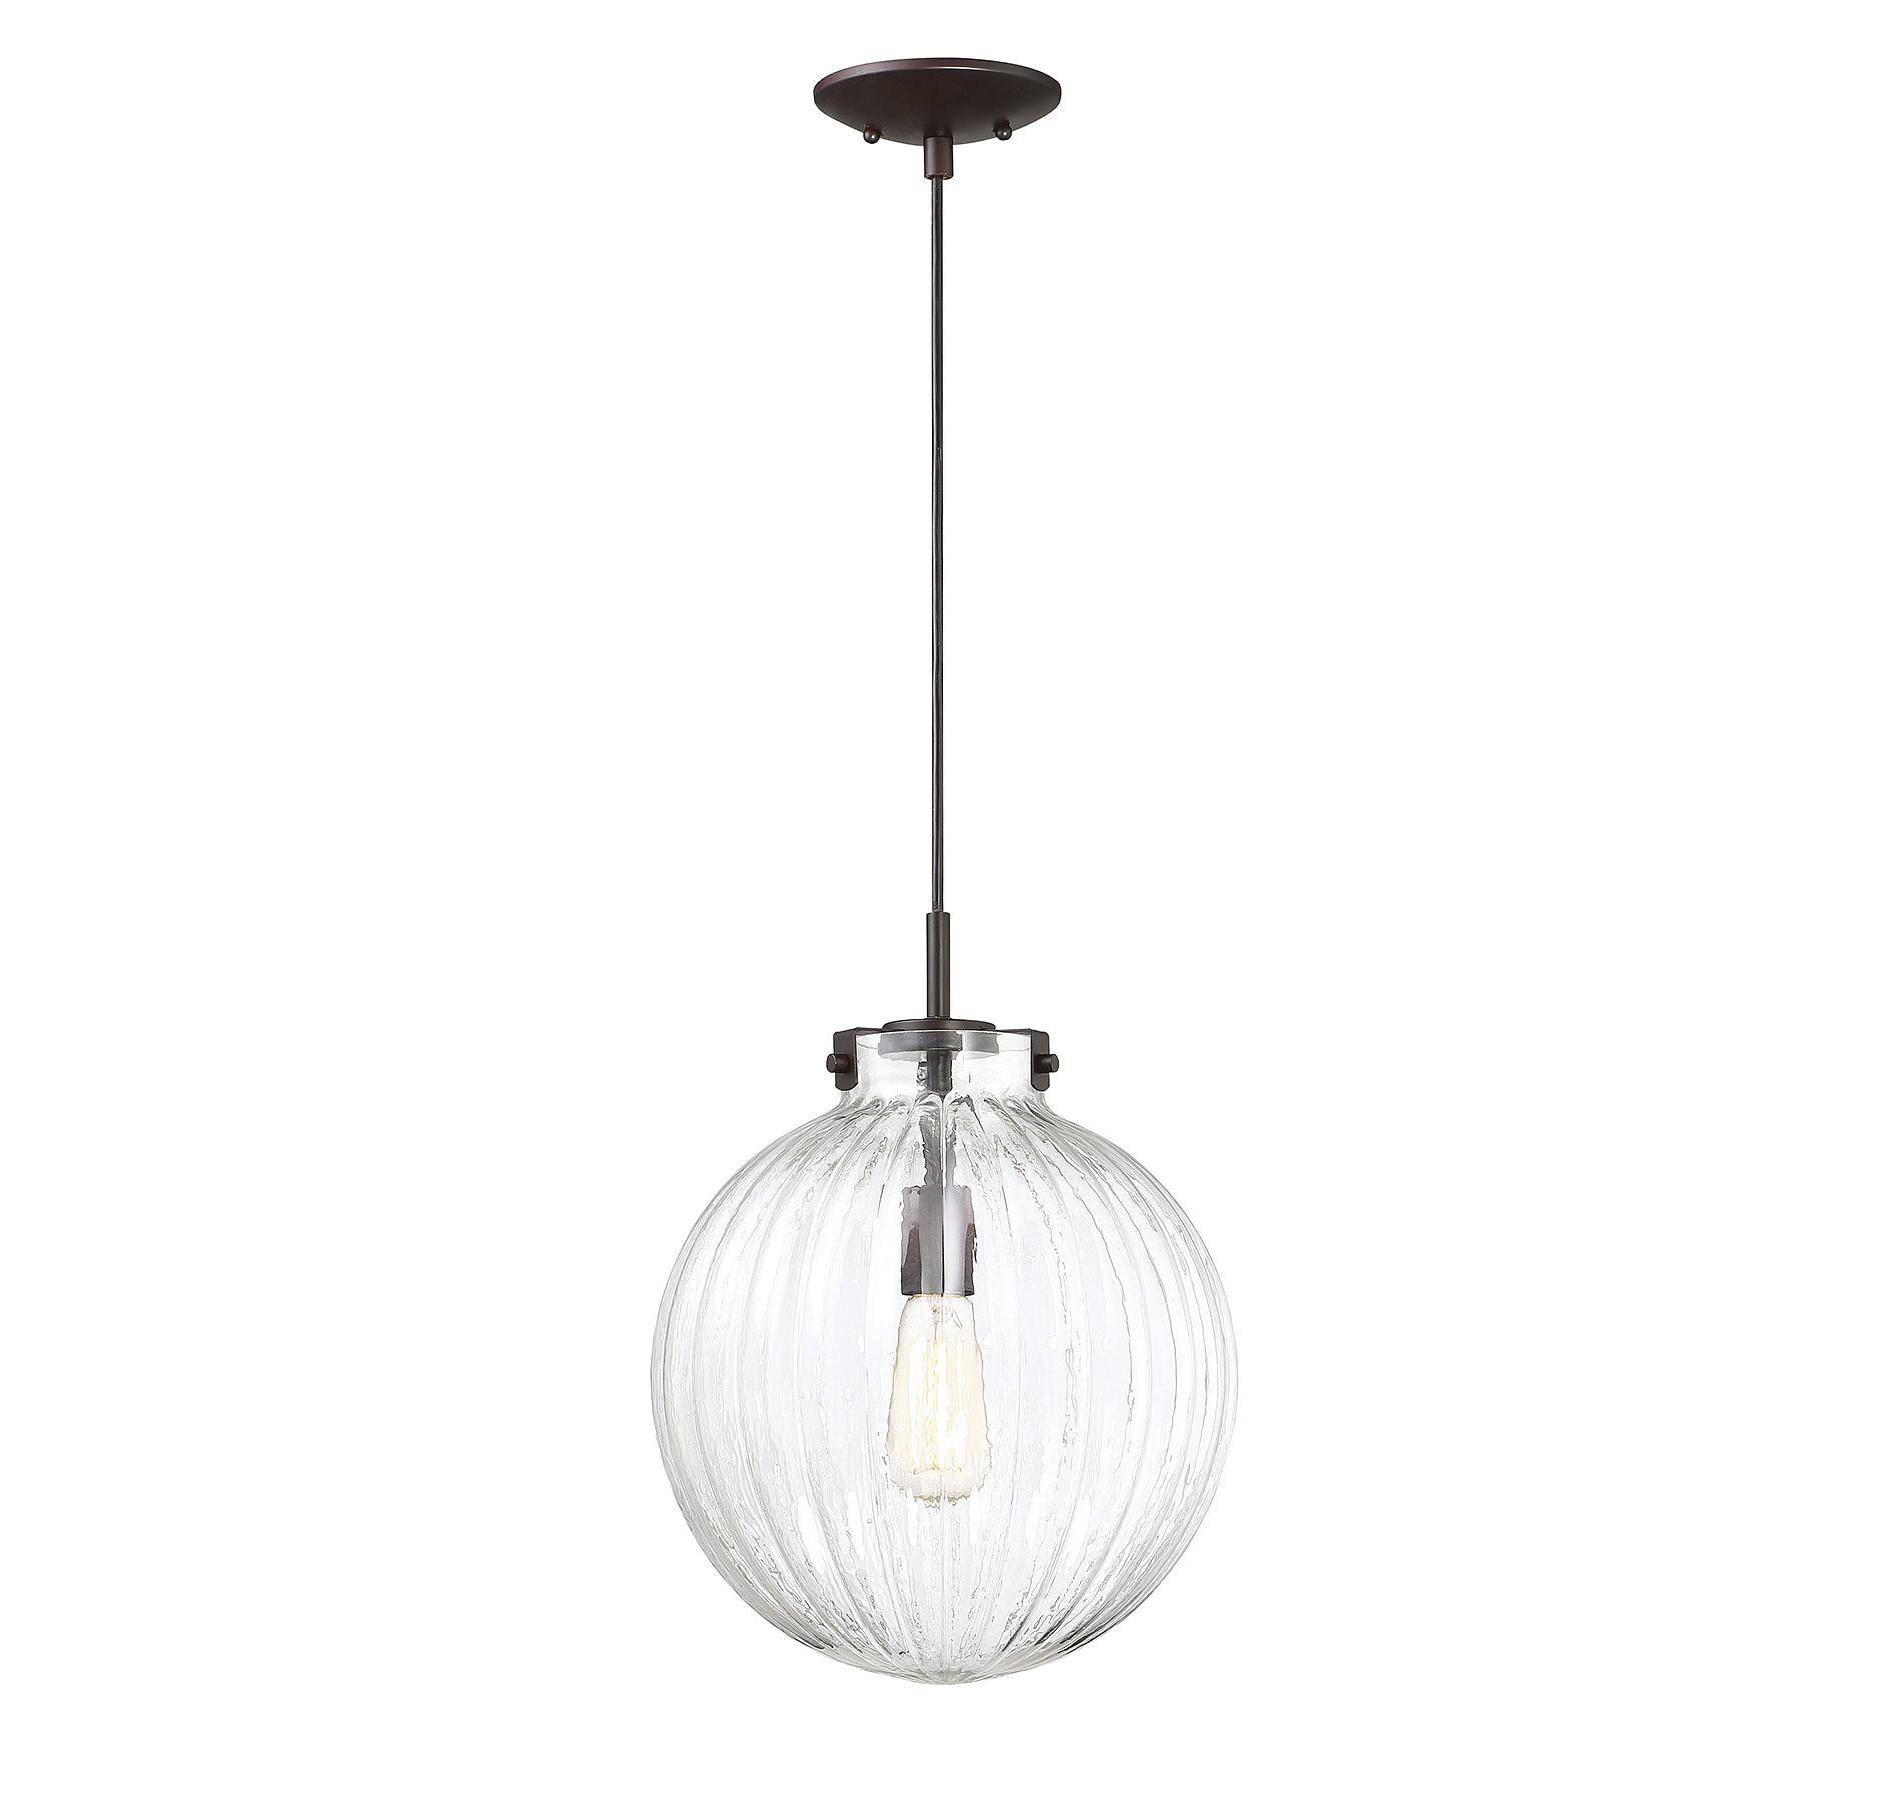 Nevels 1-Light Single Globe Pendant pertaining to Most Current Betsy 1-Light Single Globe Pendants